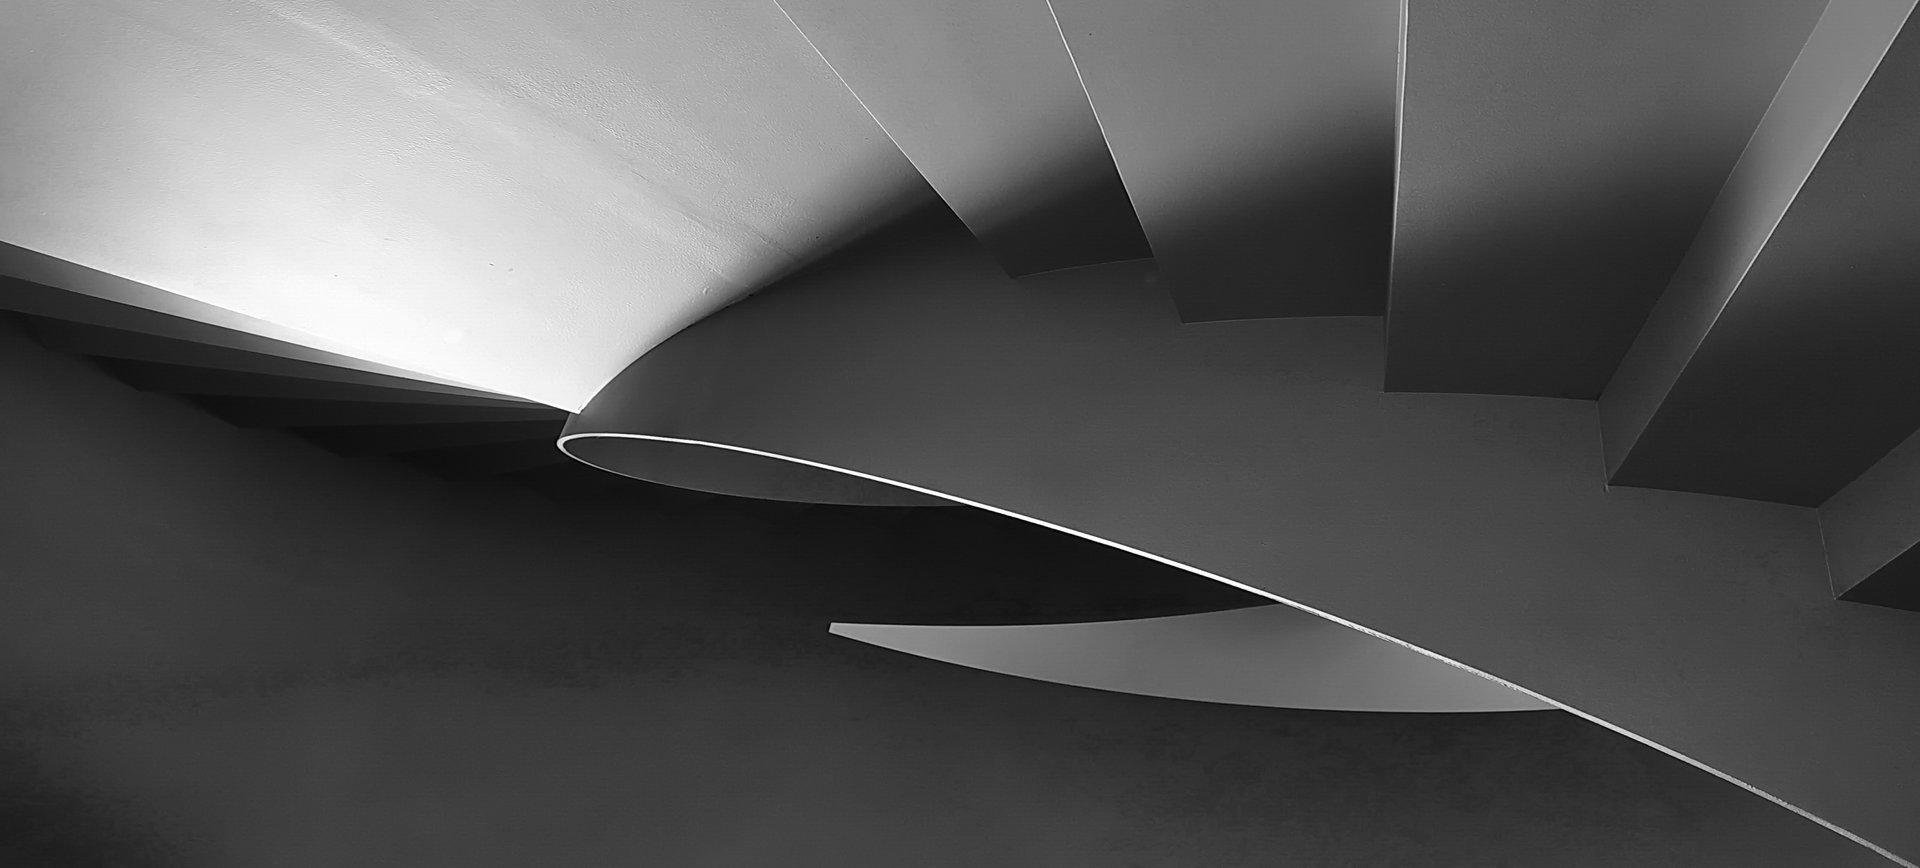 почти абстрактно... | Author dim  - dimiliev | PHOTO FORUM